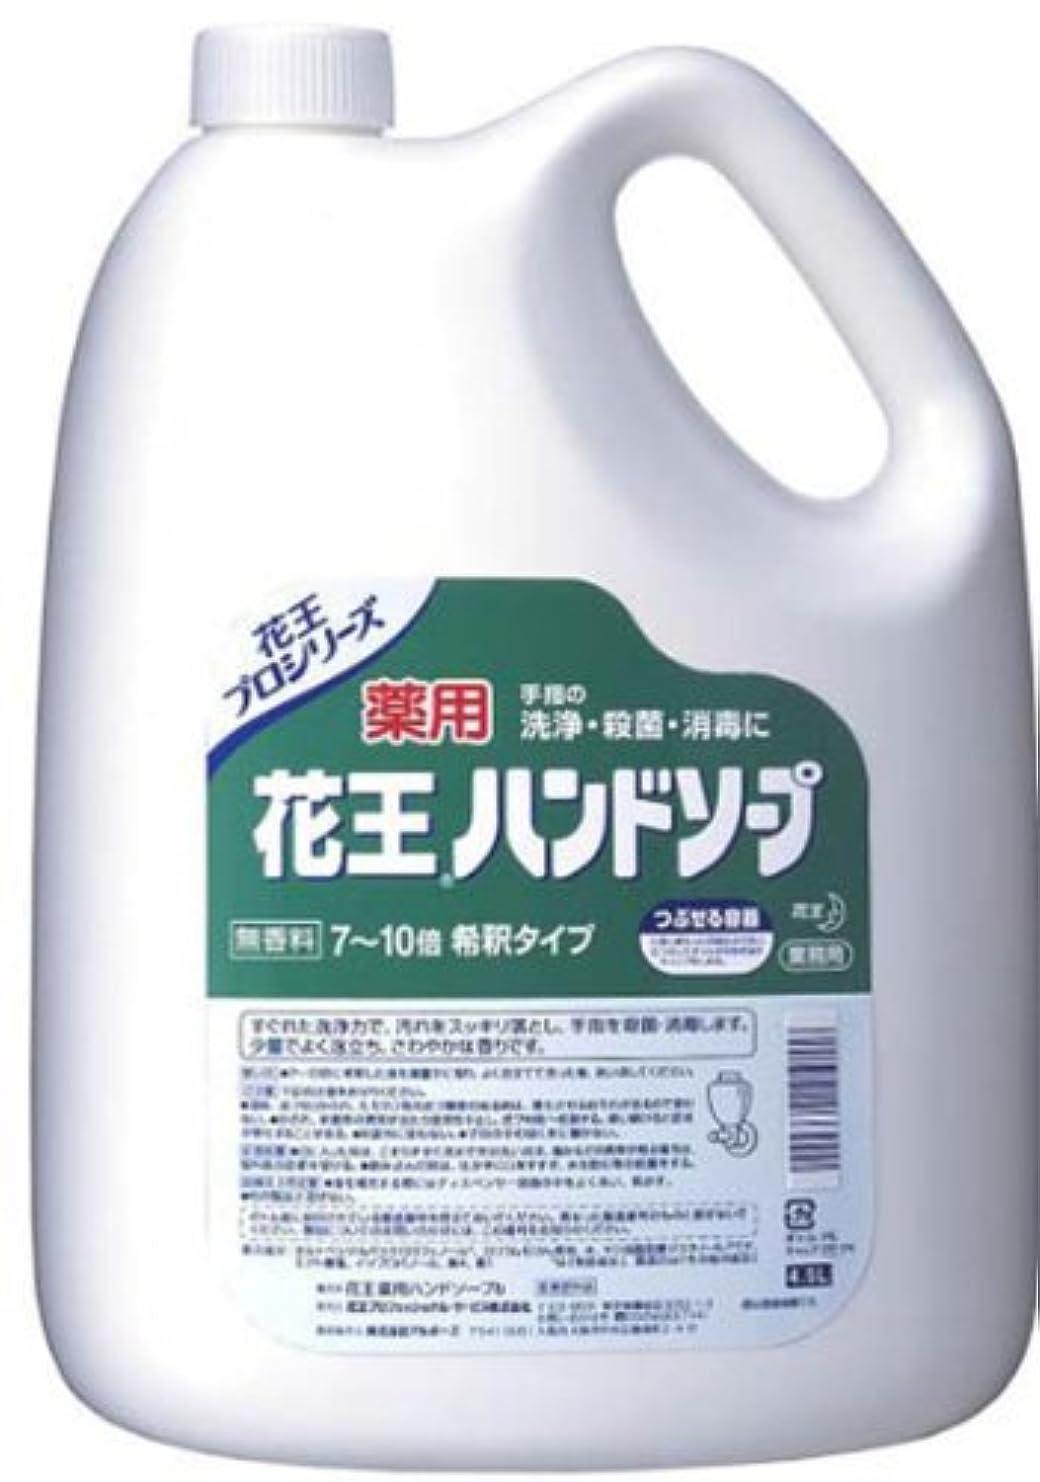 ミルク直面する心配する4.5Lx3個 薬用ハンドソープ